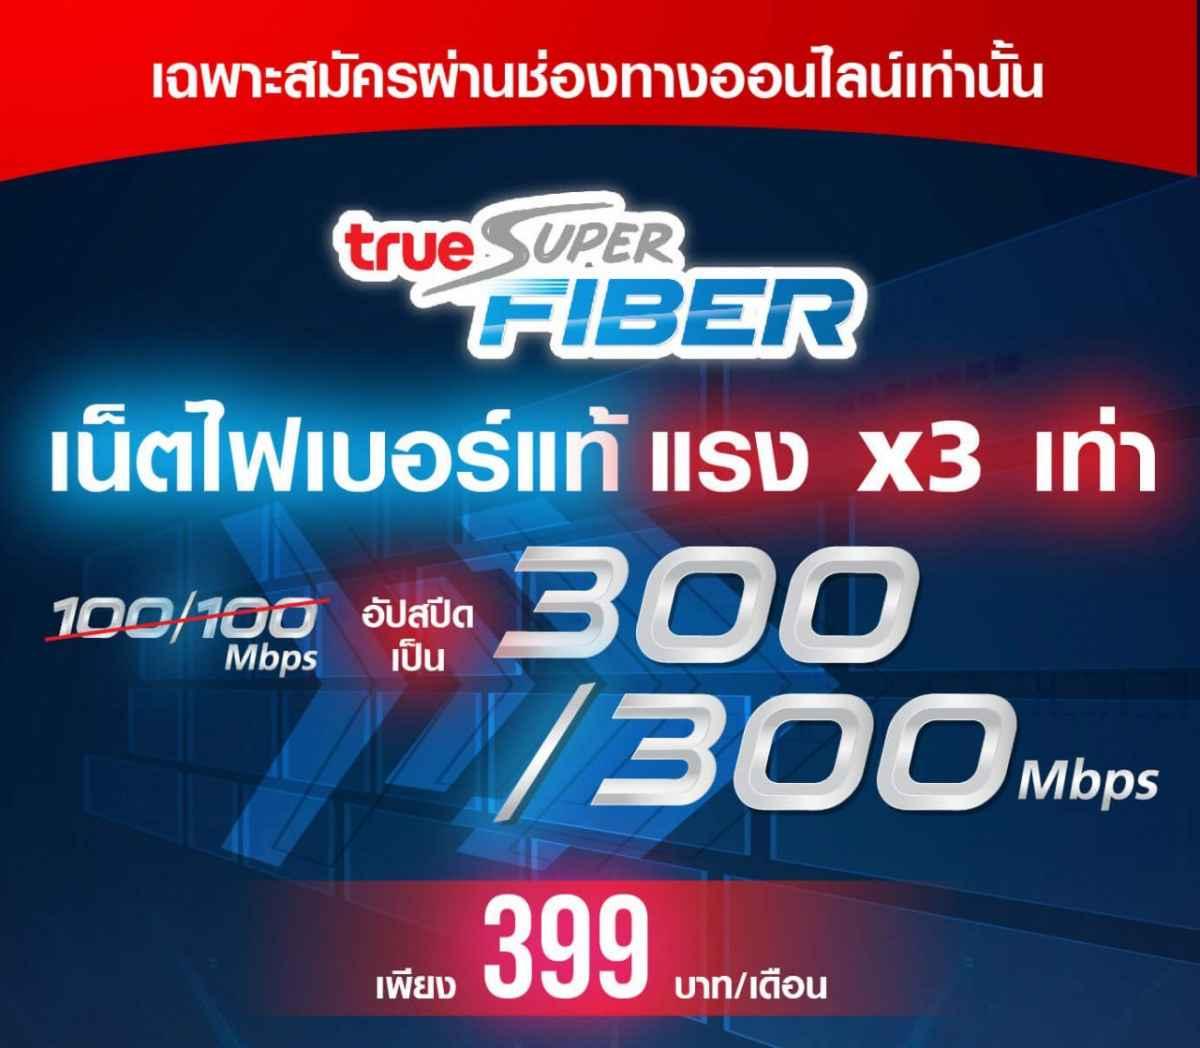 True Super Fiber